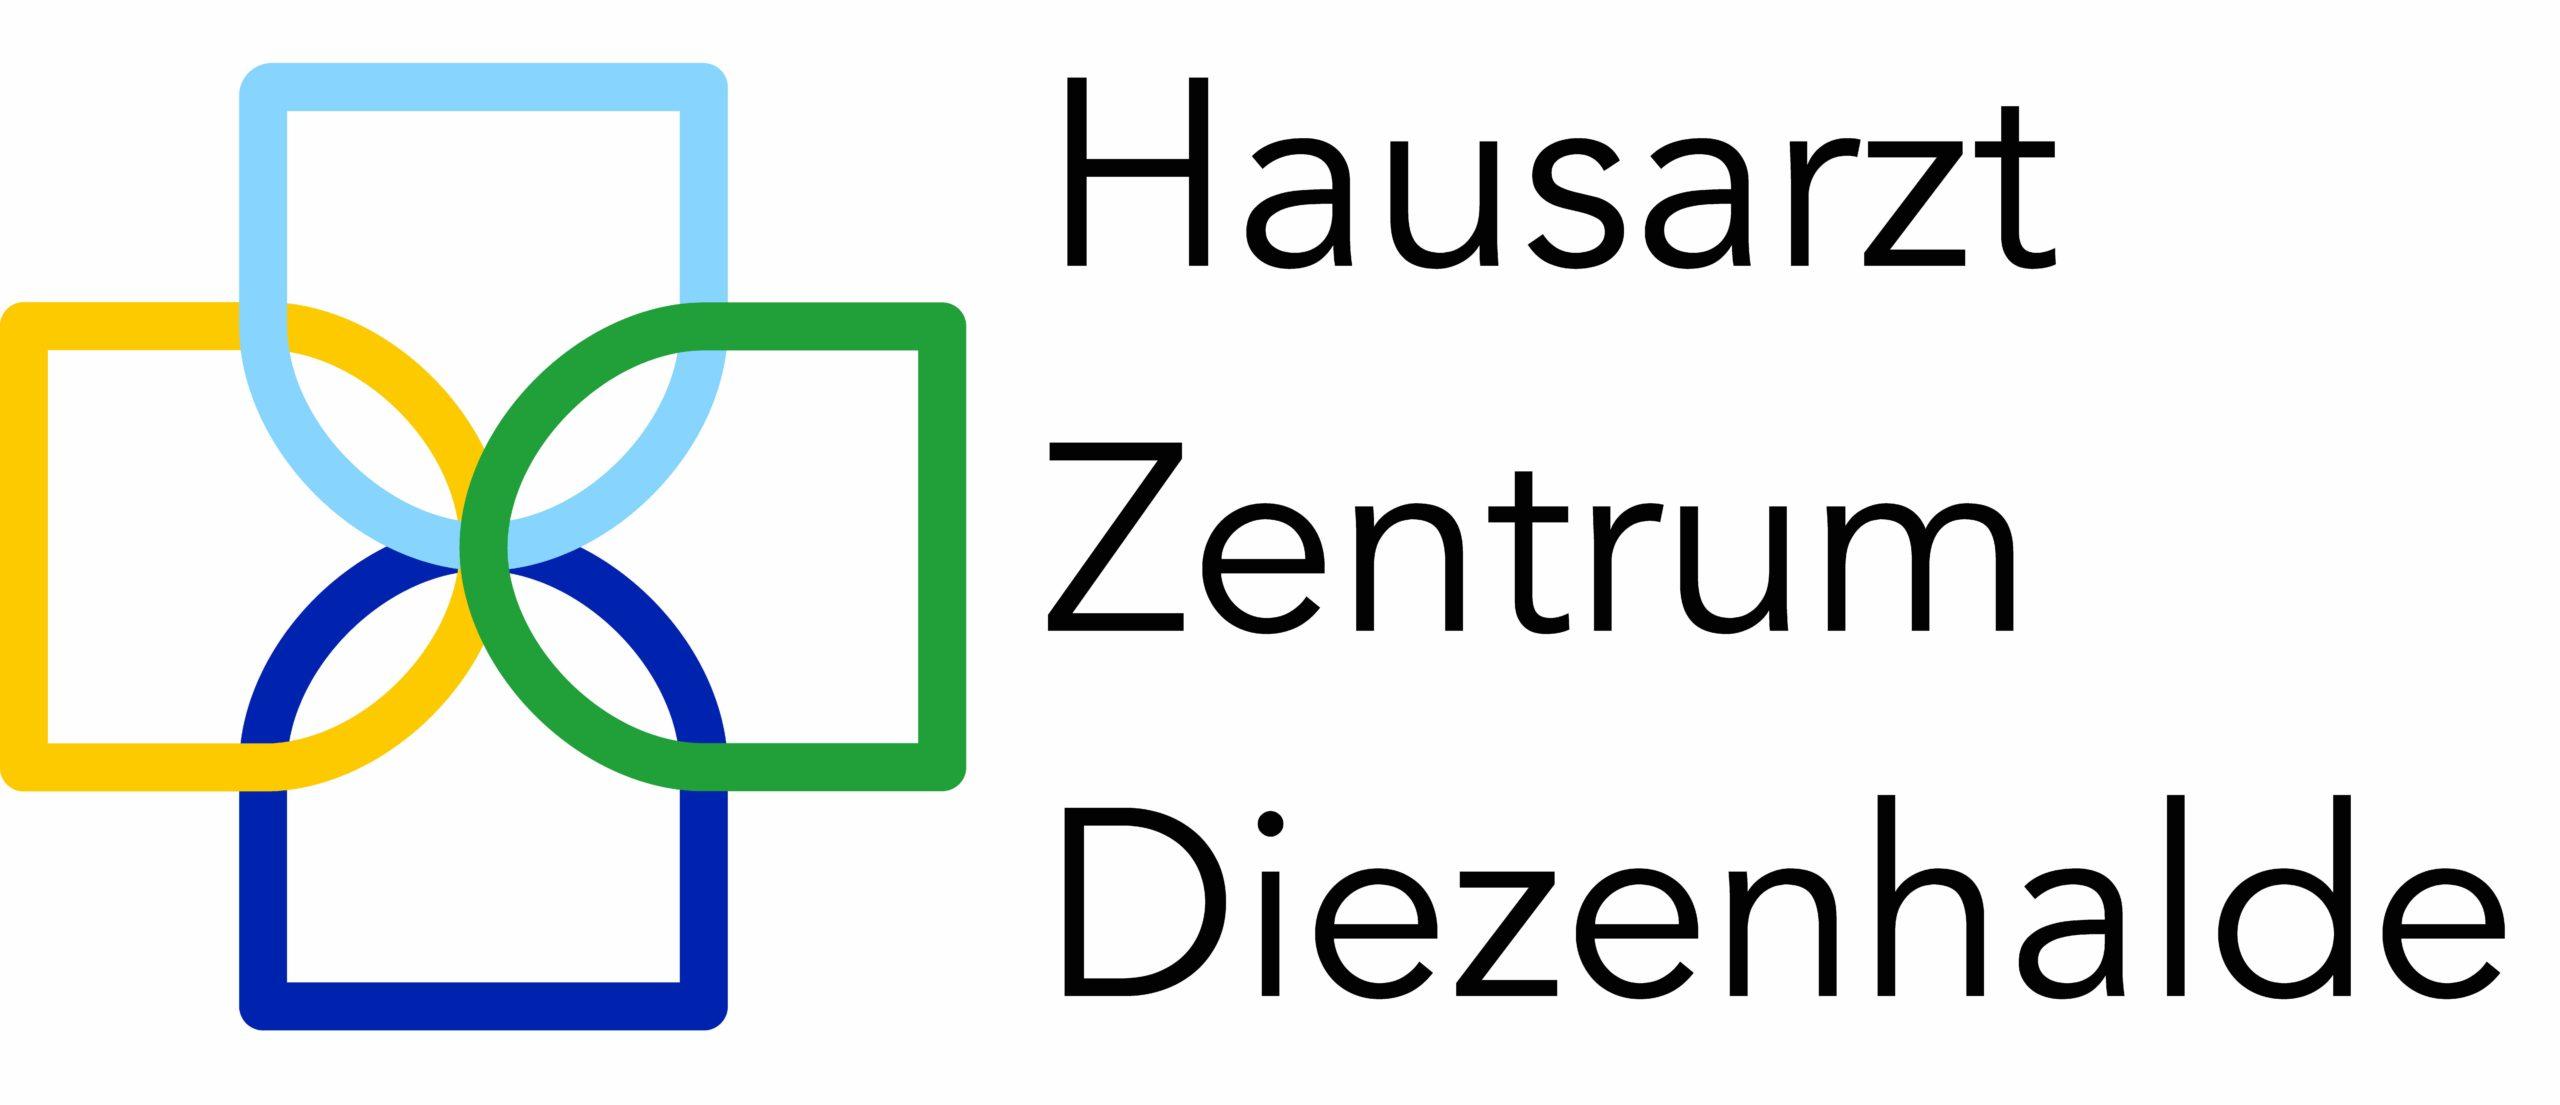 Hausarzt Zentrum Diezenhalde